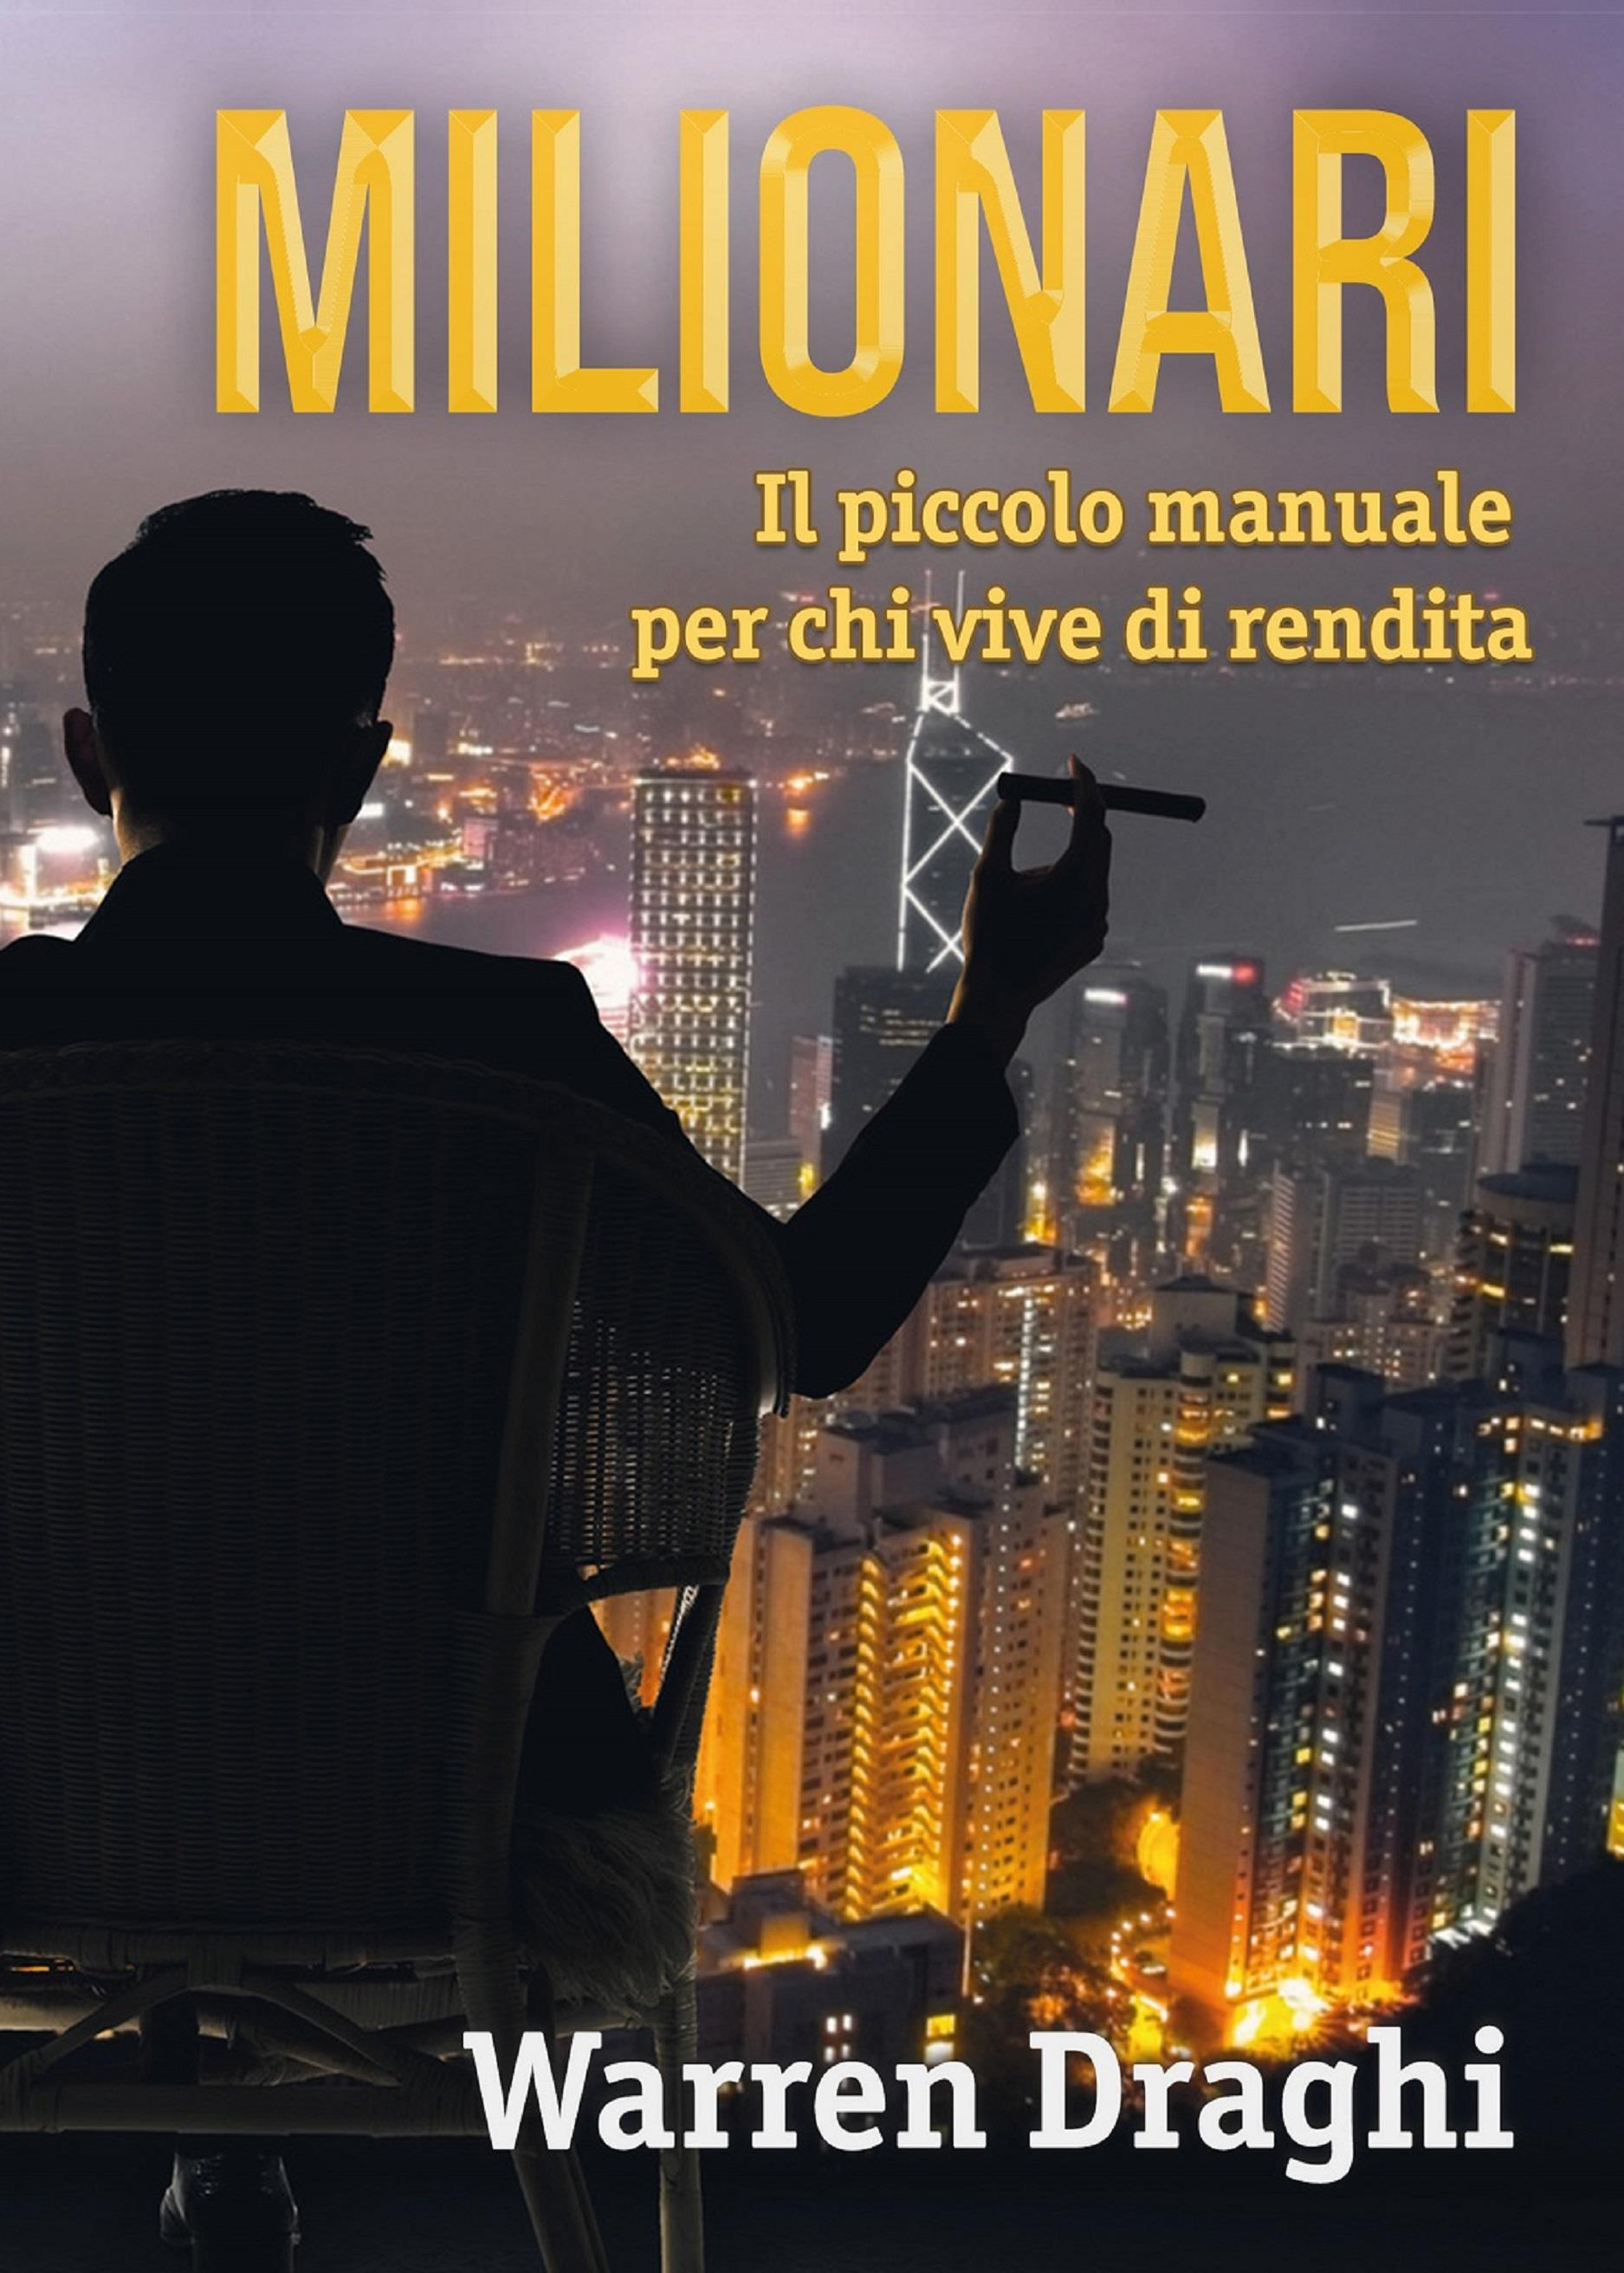 Milionari: Il piccolo manuale per chi vive di rendita